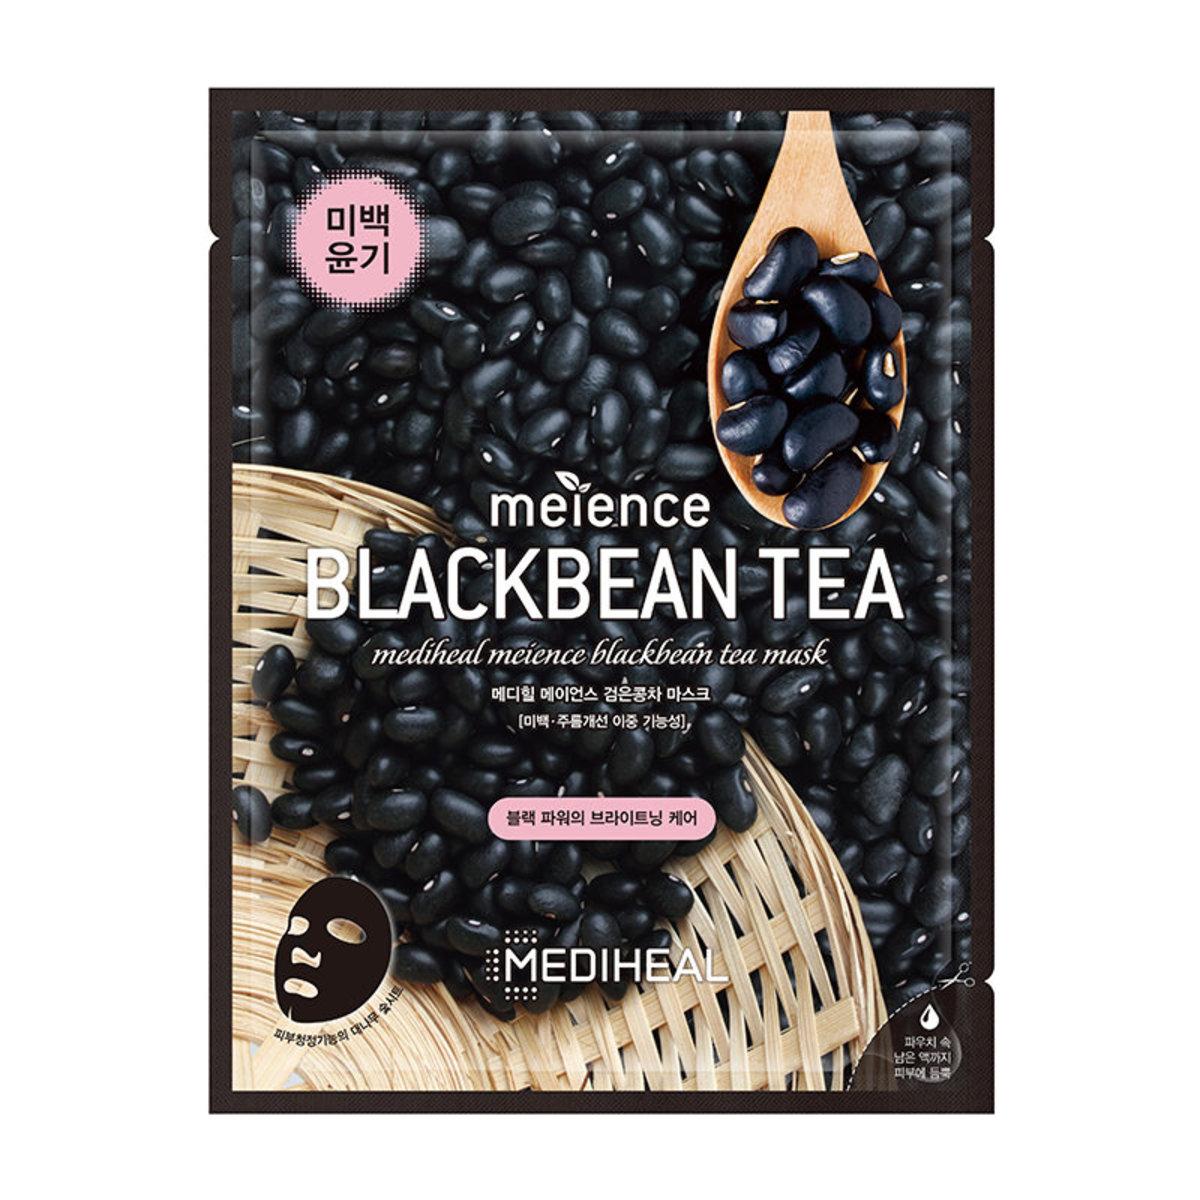 Authorised Goods - Mediheal Meience Blackbean Tea Mask